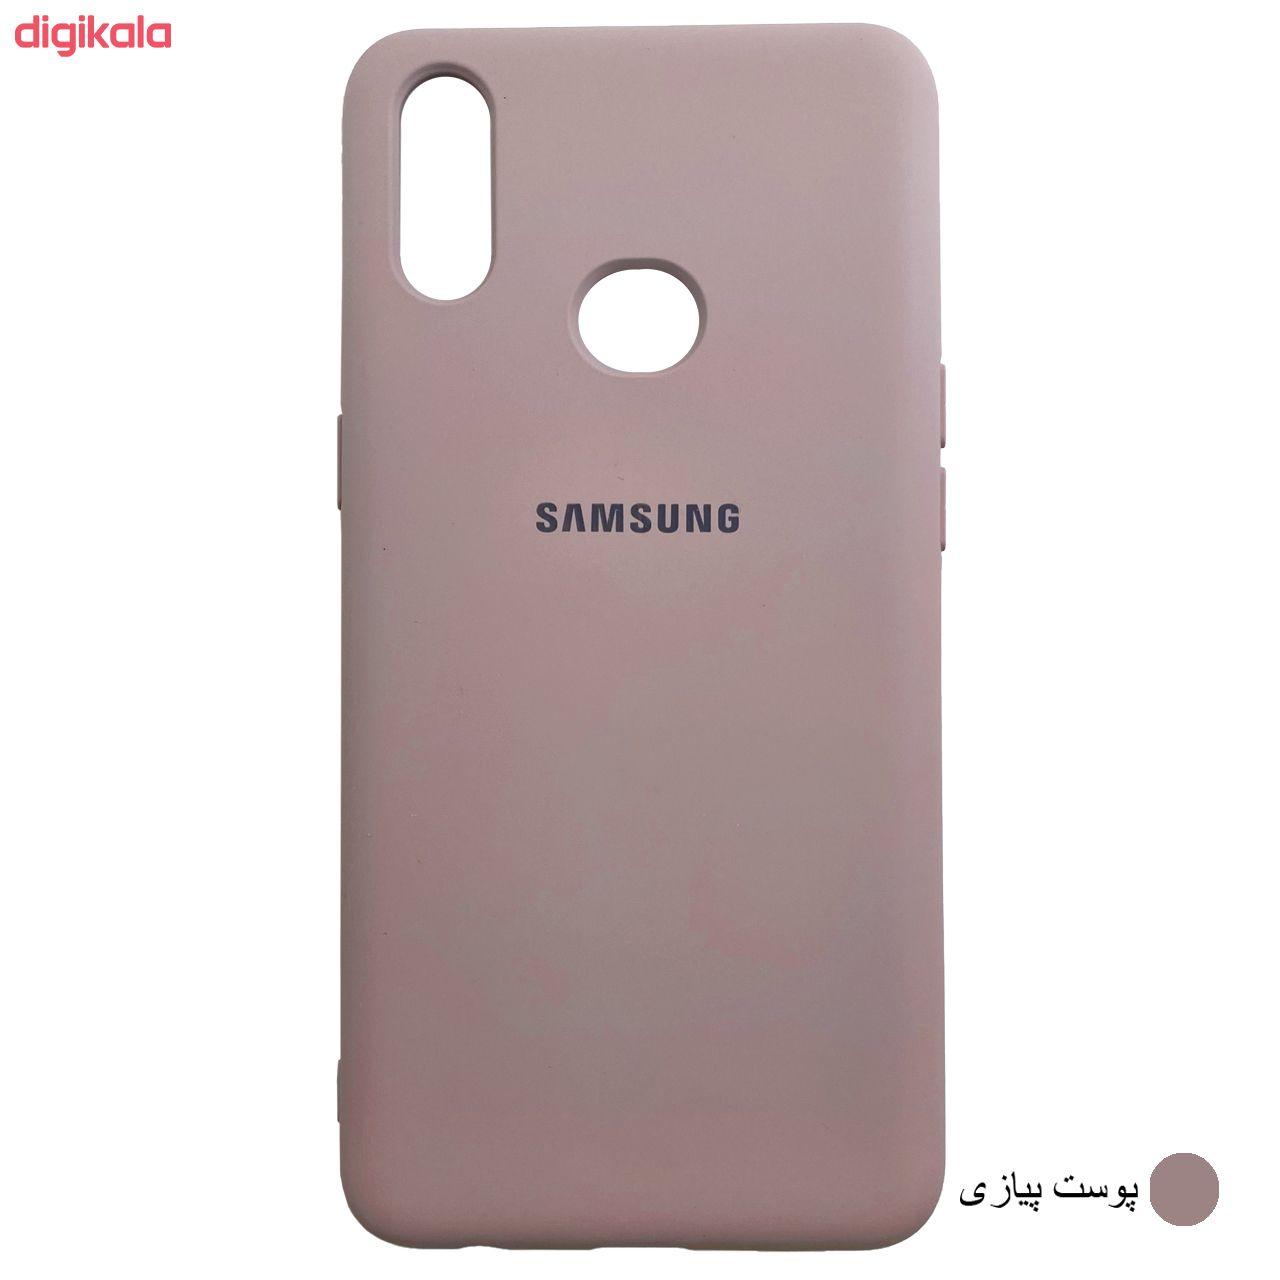 کاور مدل SCN مناسب برای گوشی موبایل سامسونگ Galaxy A10s main 1 15